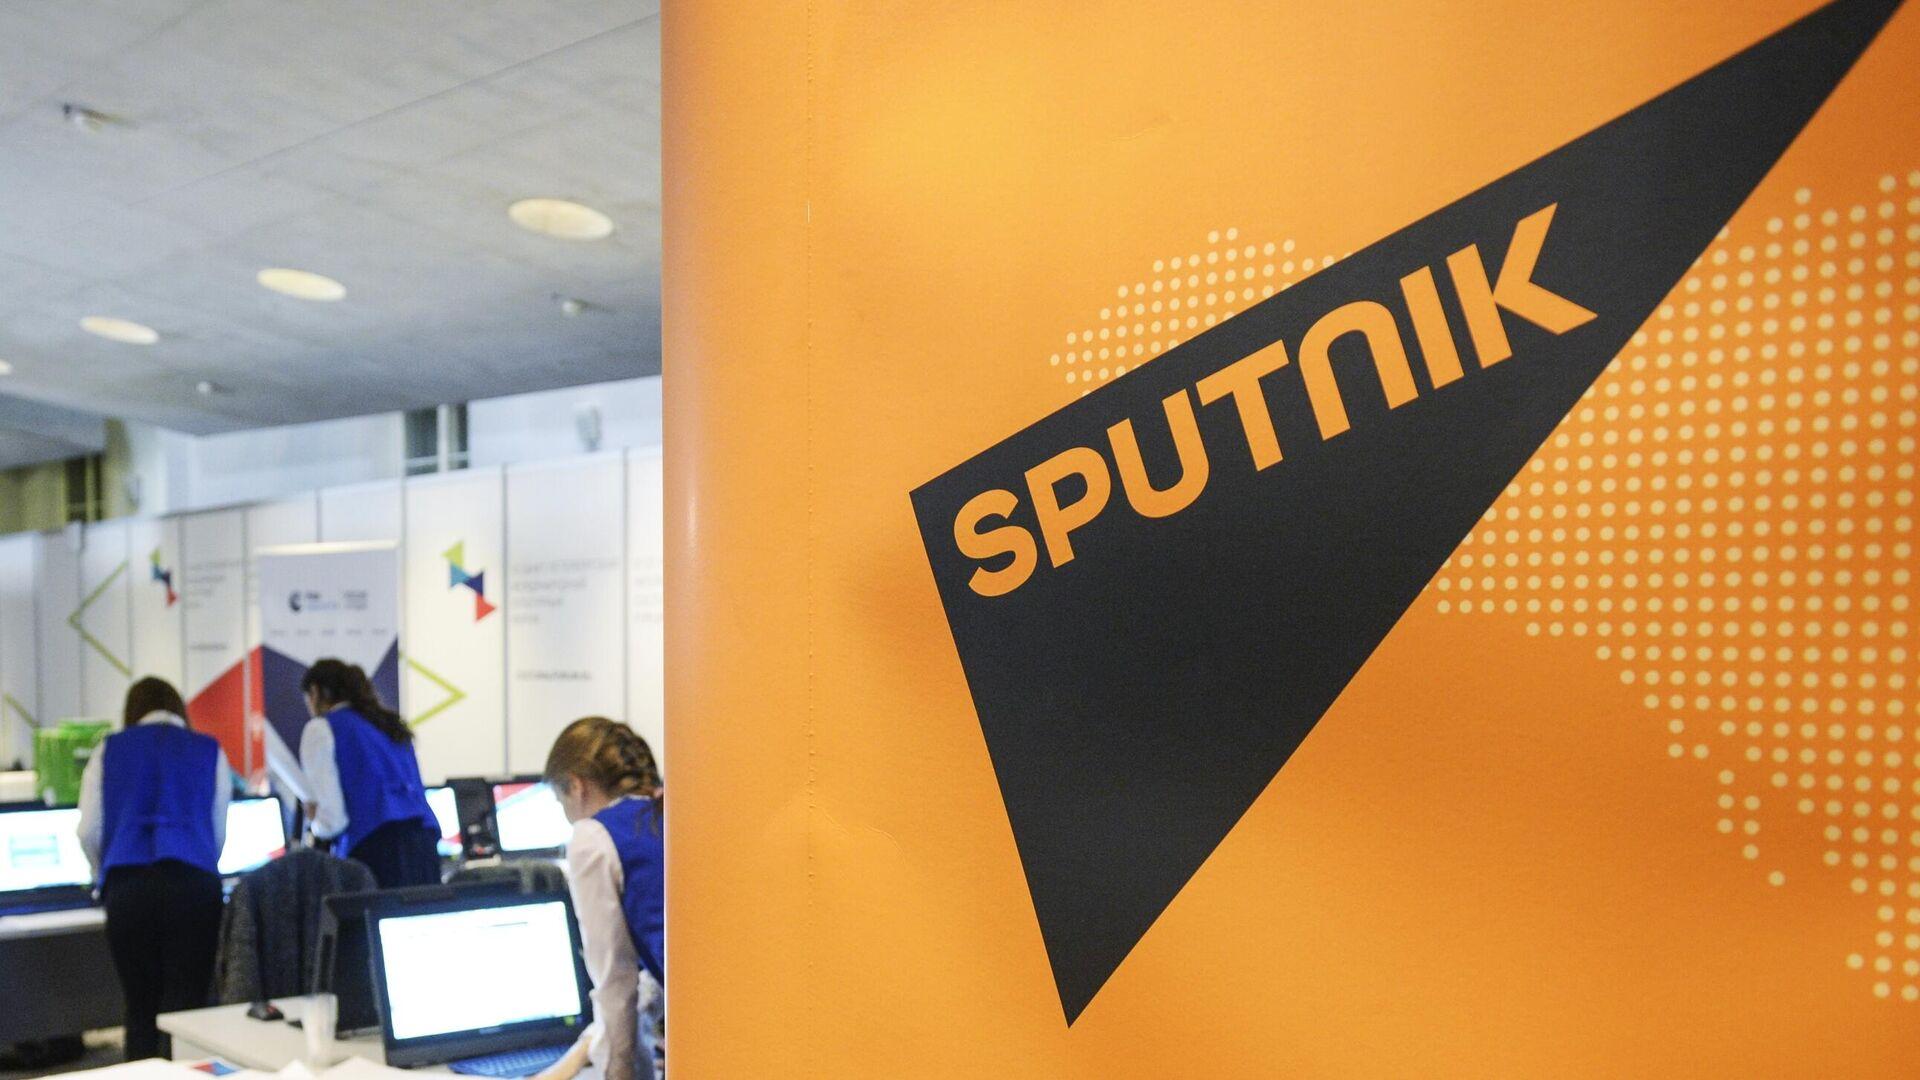 Студия информационного агентства и радио Sputnik - РИА Новости, 1920, 23.01.2021